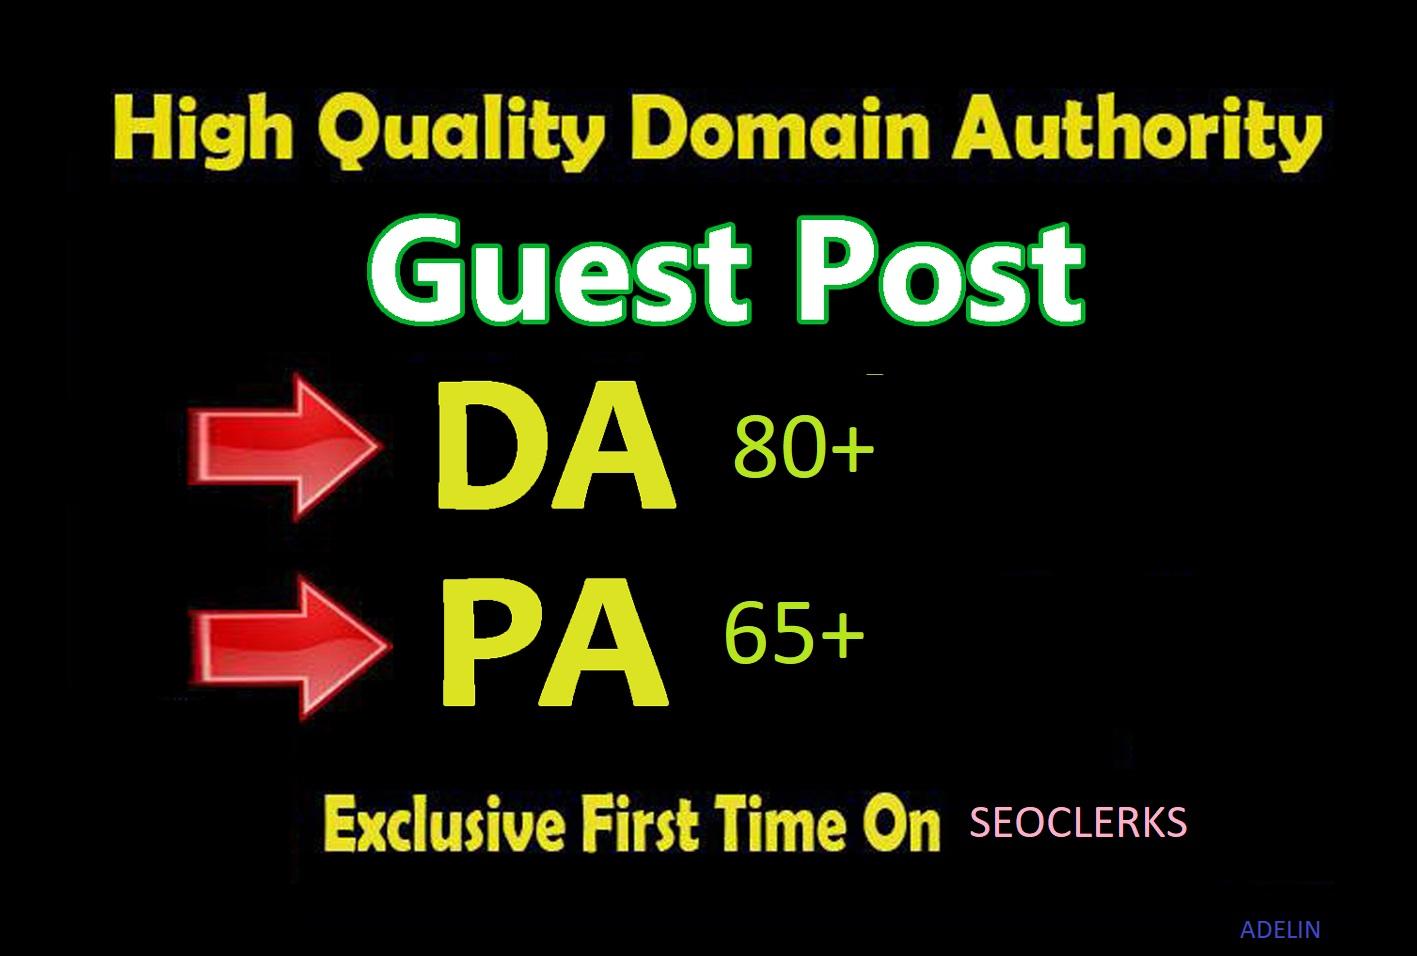 Prestigious Guest Post On DA 80+ HQ Site Dofollow Backlink